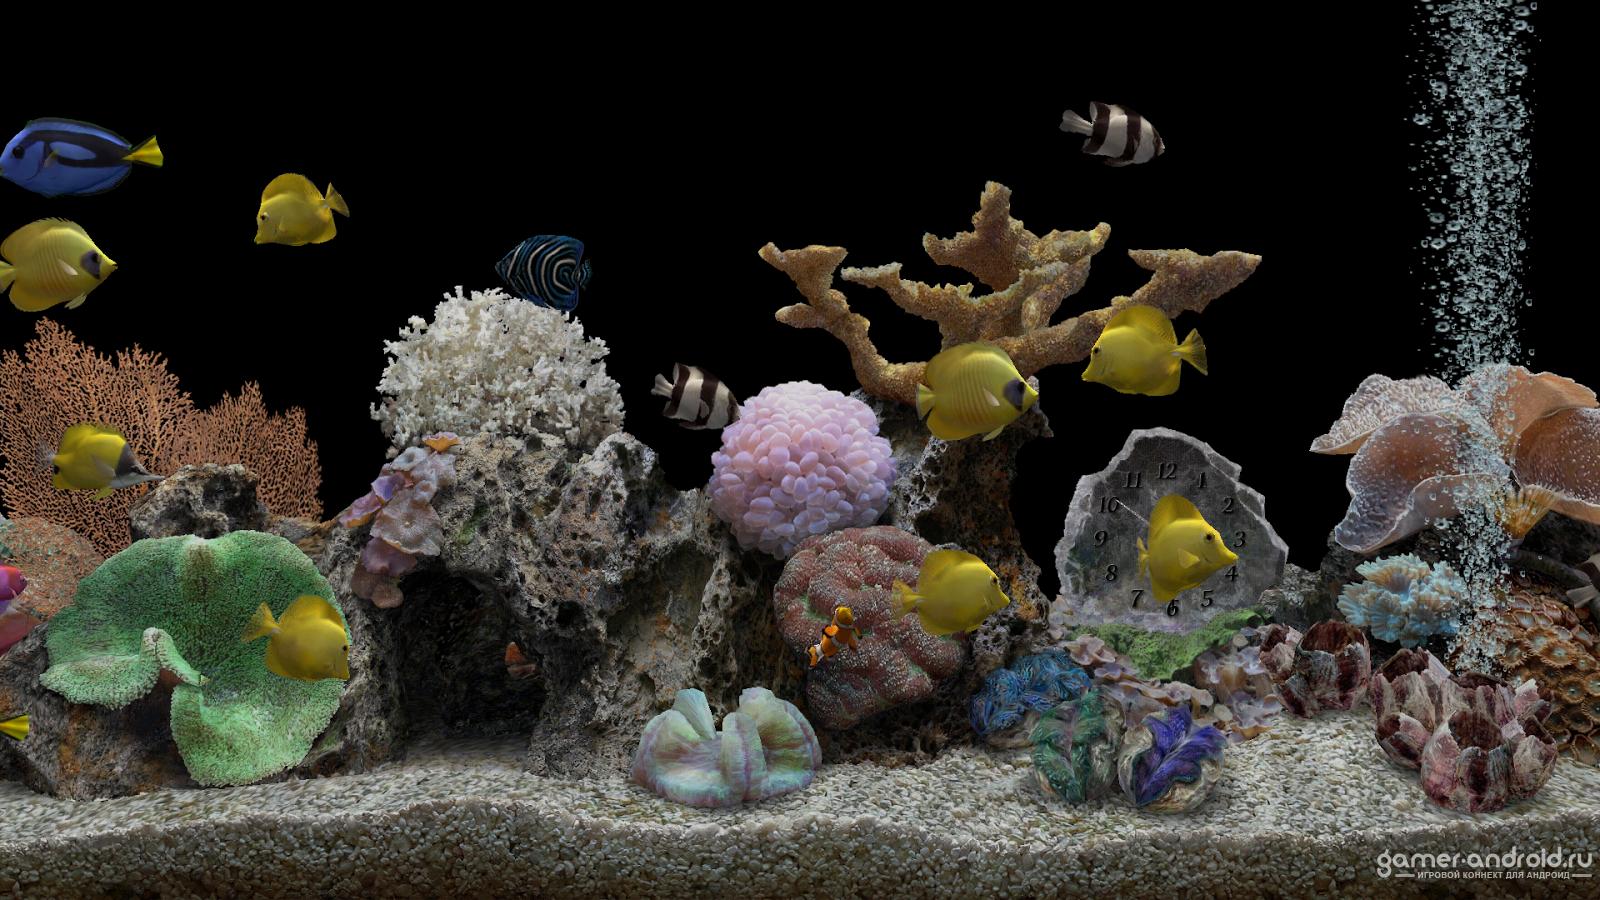 Скачать заставку аквариум на компьютер